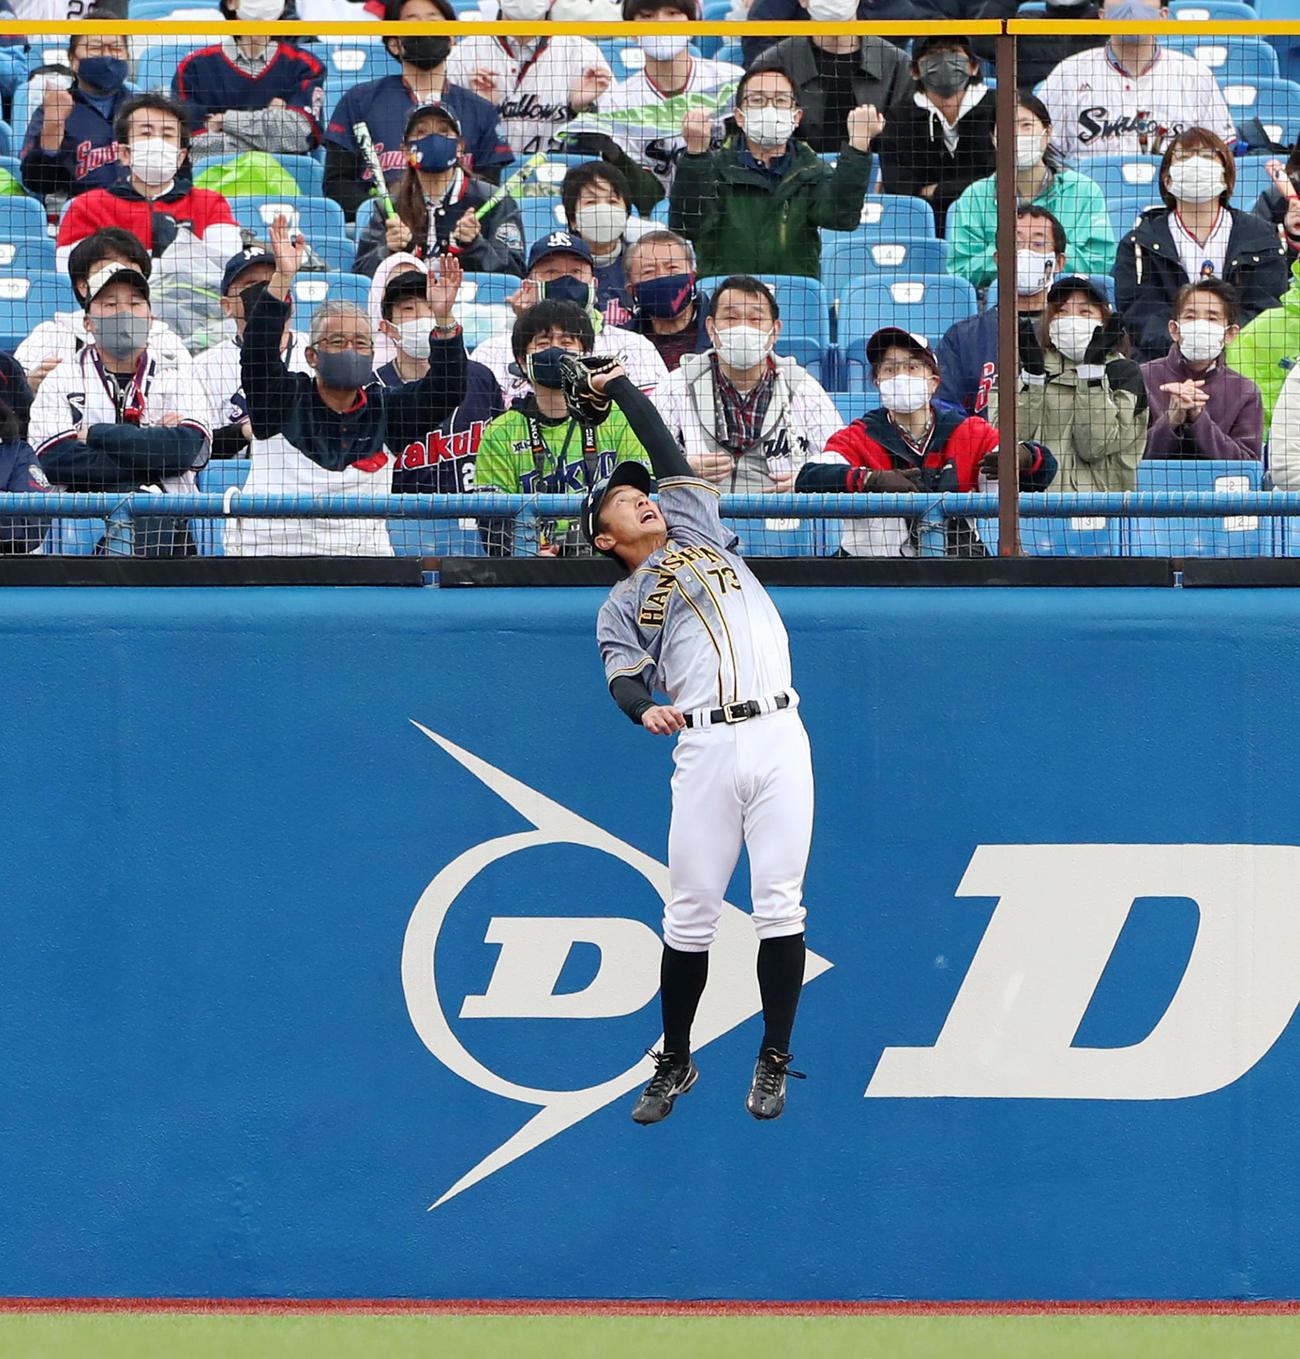 ヤクルト対阪神 8回裏ヤクルト1死一塁、熊谷は青木の飛球をジャンプして好捕(撮影・加藤哉)